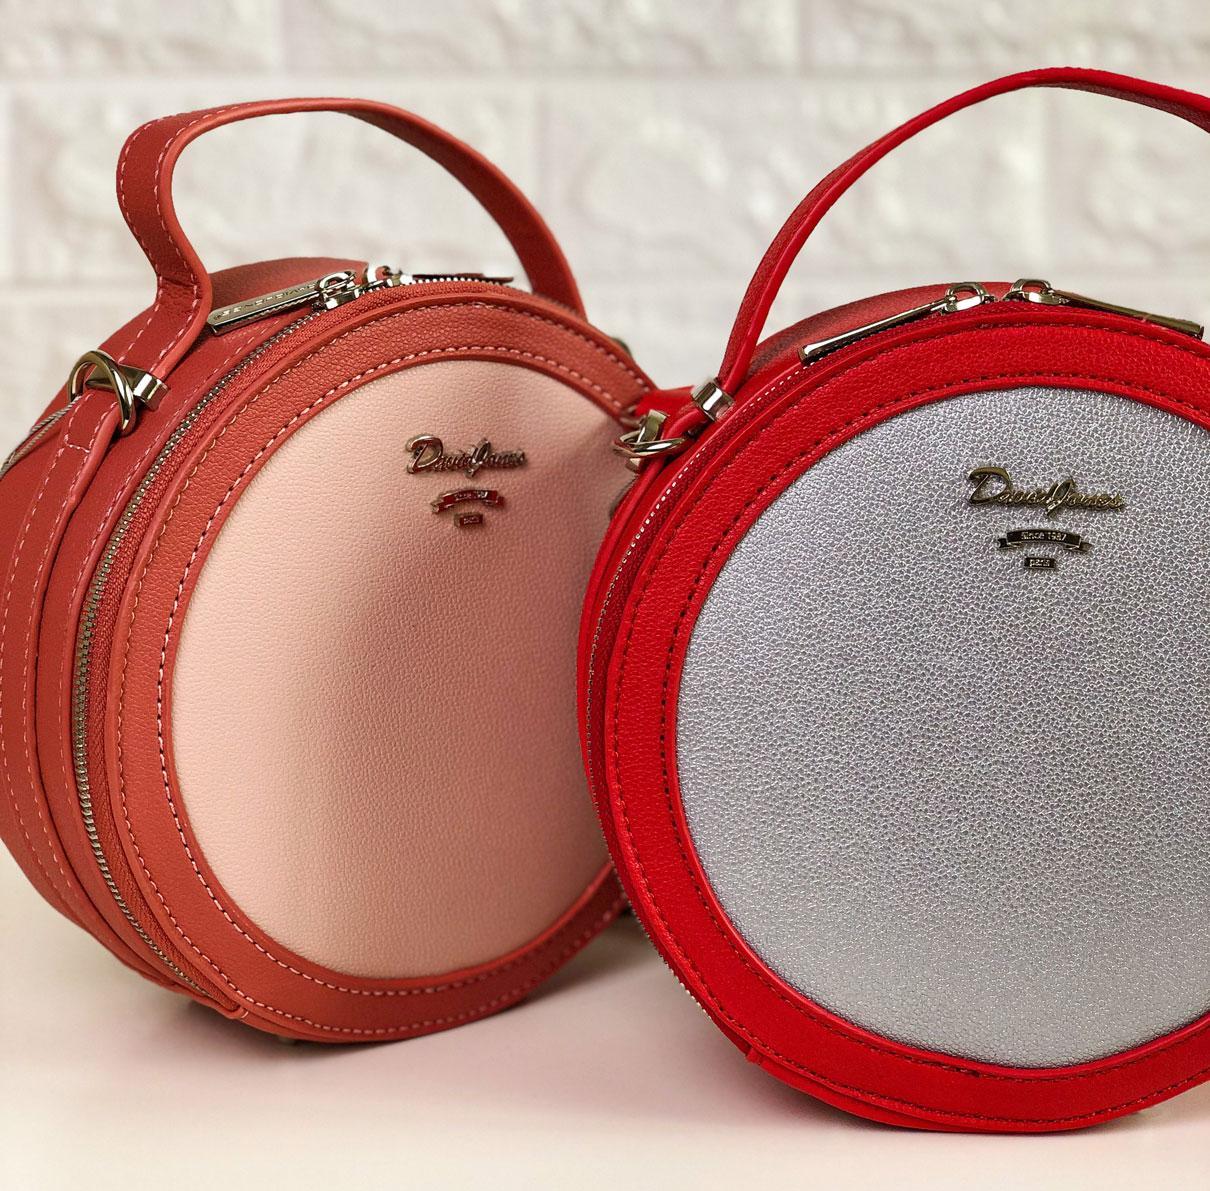 Круглая женская сумка David Jones СМ4055Т